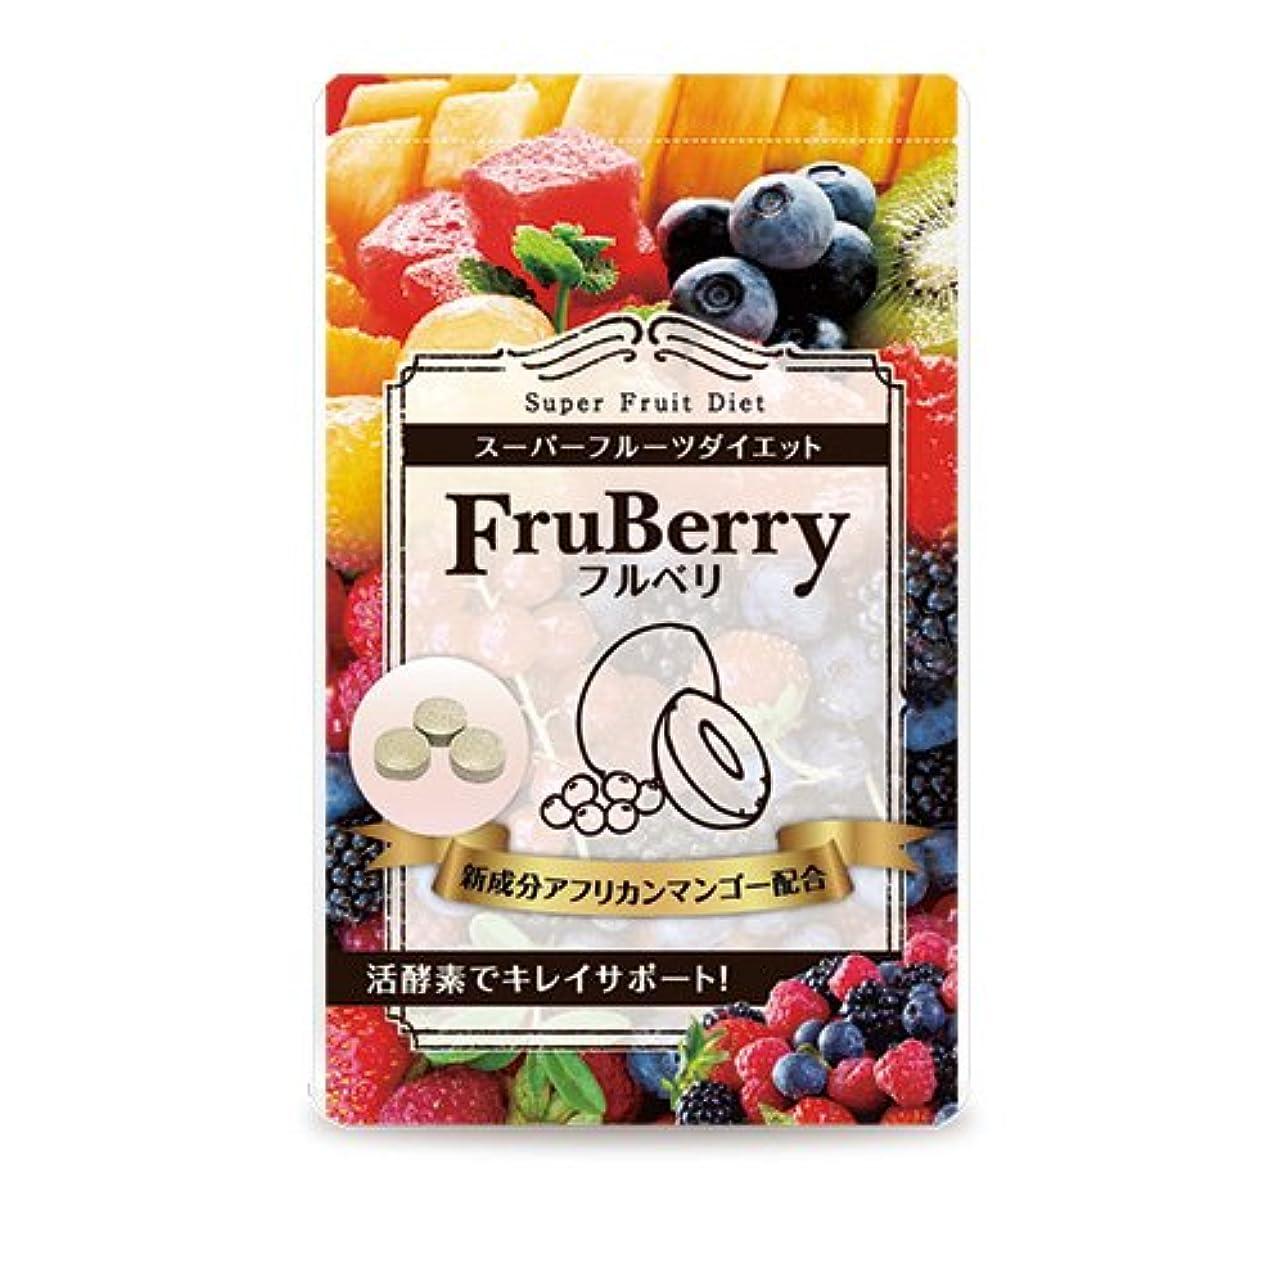 意気込み繰り返すアウトドアフルベリ 5袋セット 約150日分 FruBerry アフリカンマンゴー ベリー類 乳酸菌のサプリ 賞味期限間近のため半額